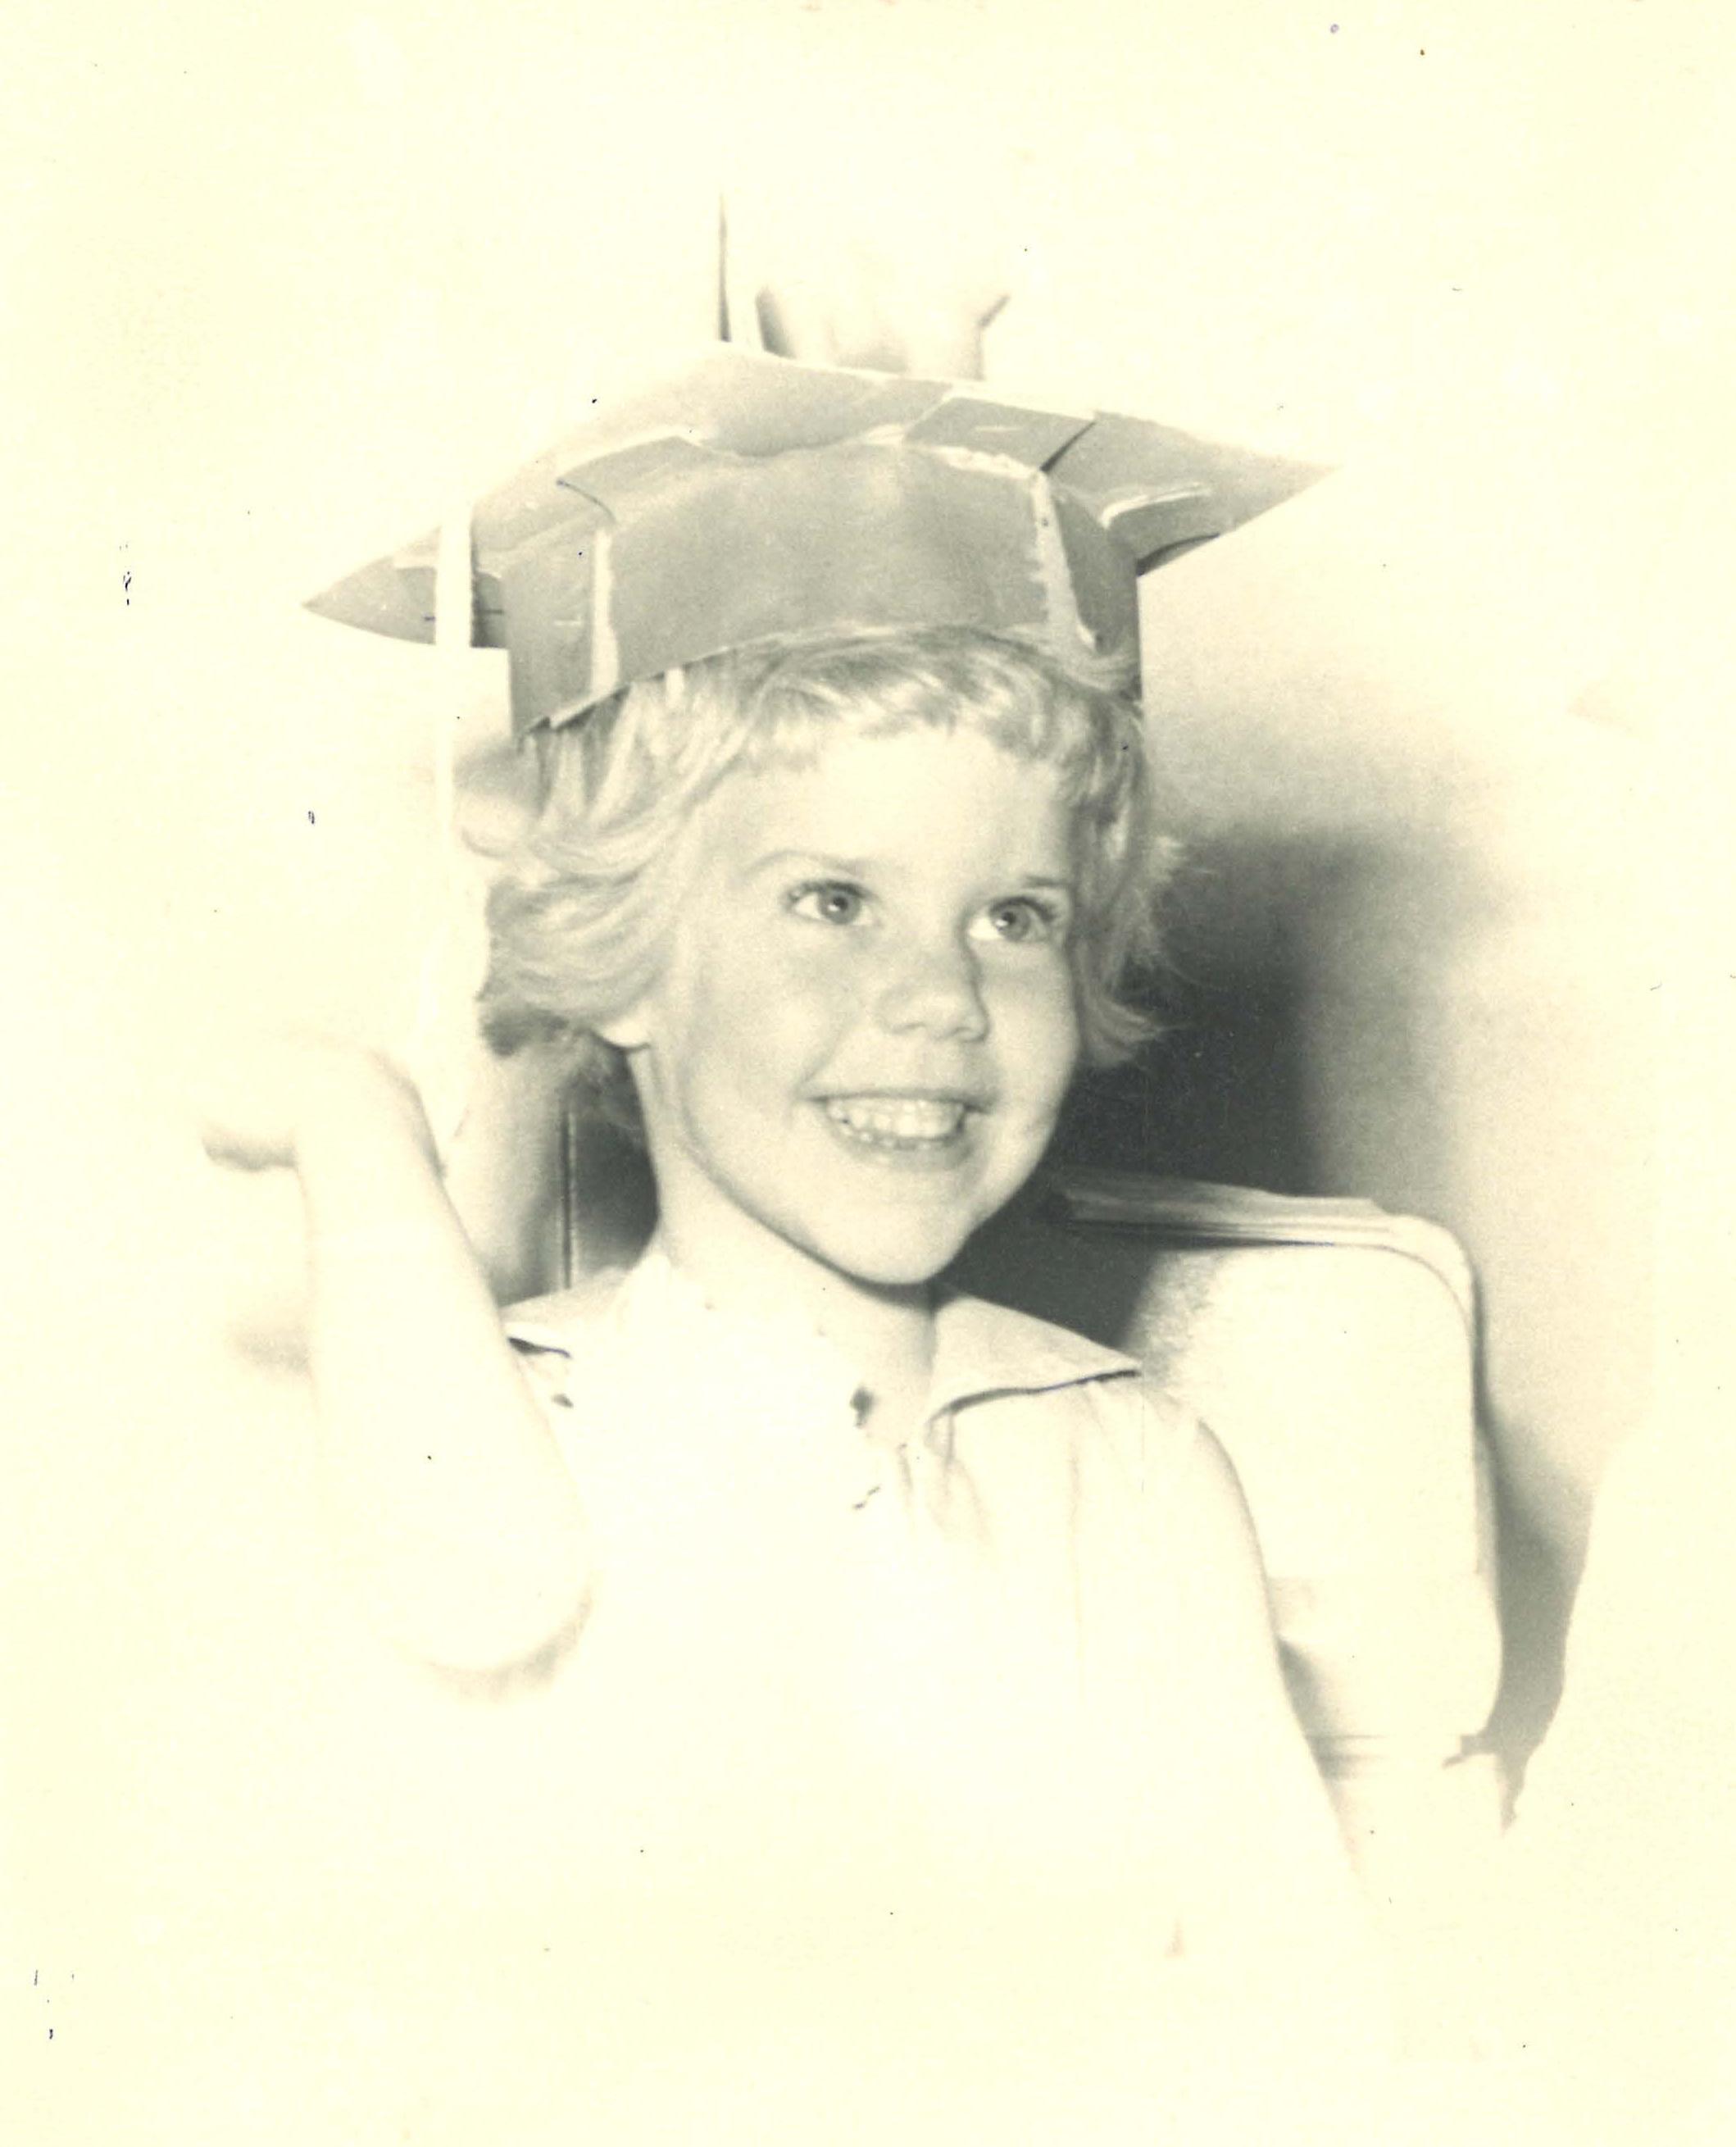 Nanette as a child